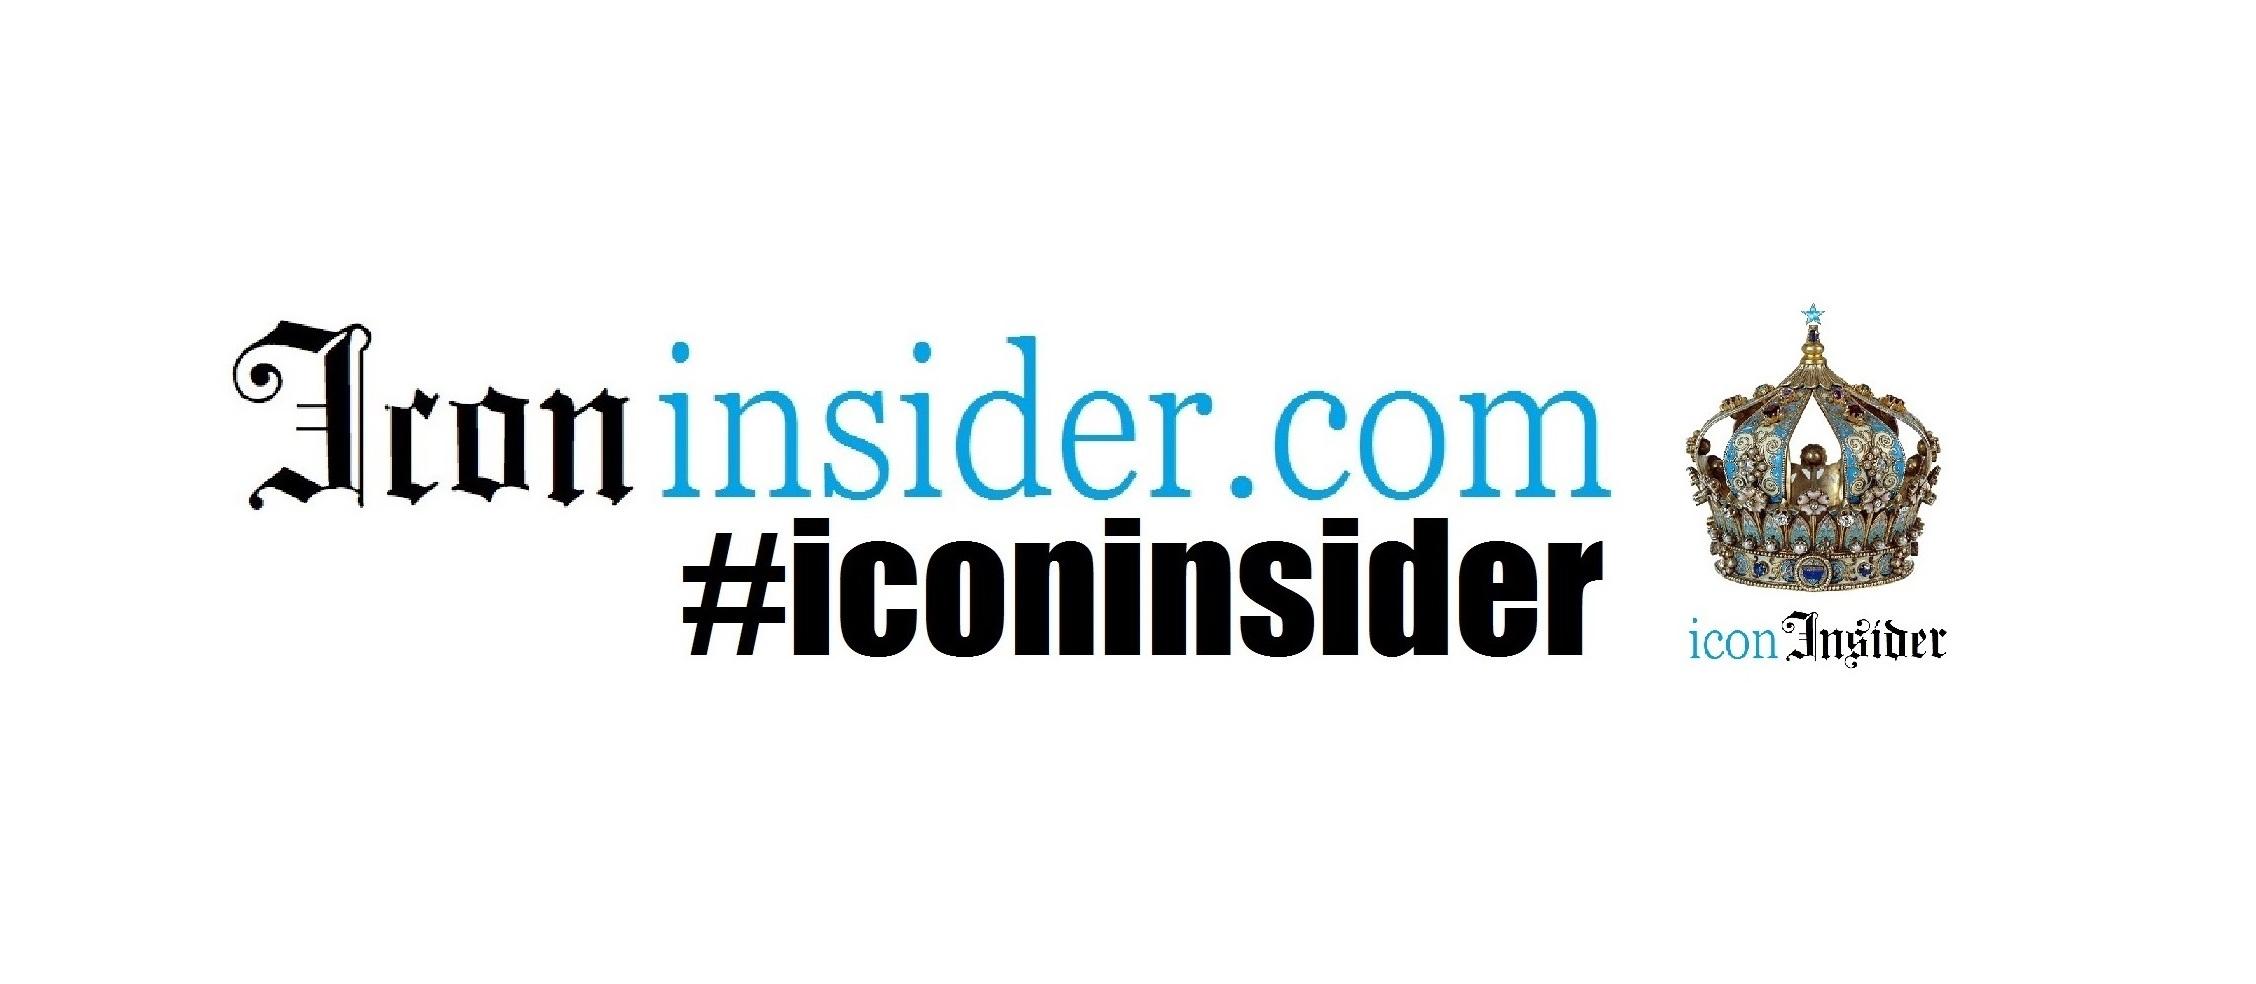 iconinsider.com